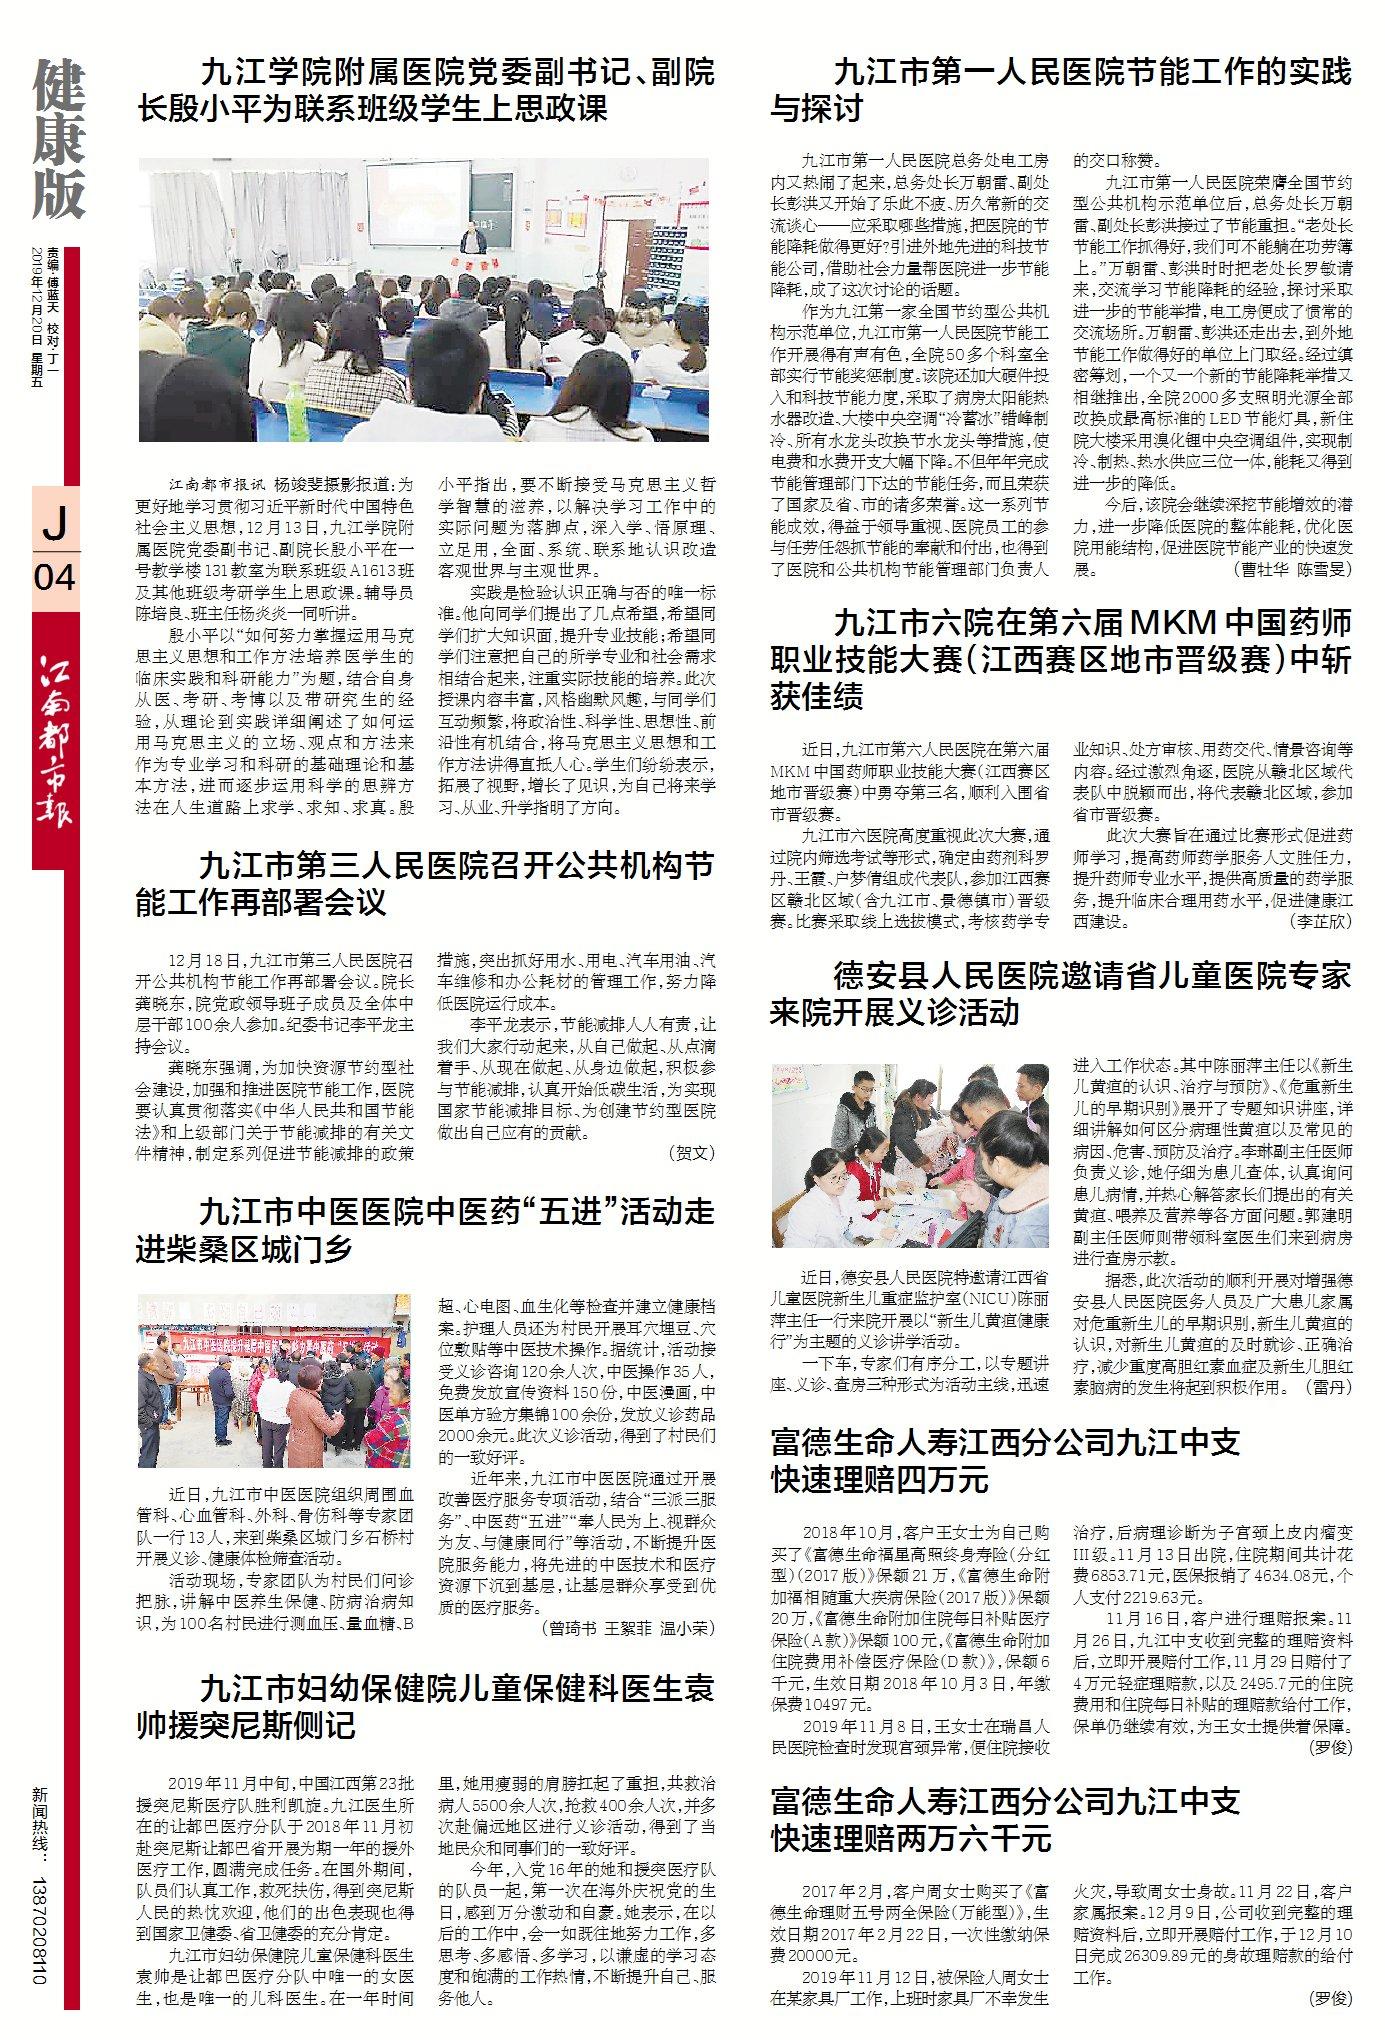 2019年12月20日江南都市报《亚博体育app苹果新闻》4版